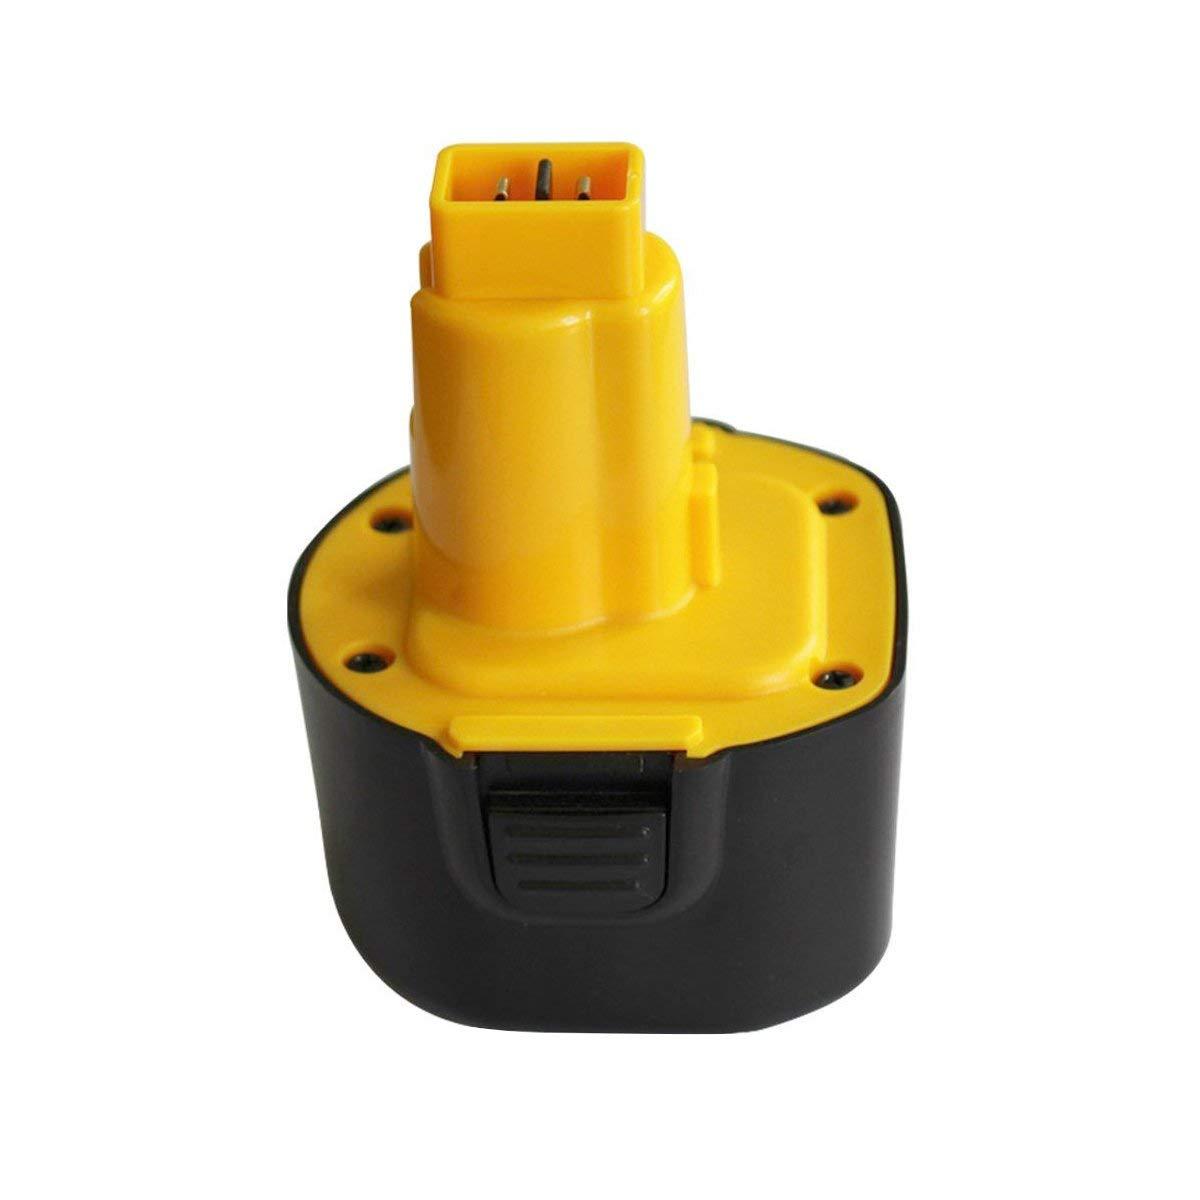 9.6V 2.0Ah DeWalt DW9062 DW9061 DE9036 DE9061 DE9062 DW9614 DW050 Replacement Battery (Also Compatible with Black and Decker PS120 Battery)